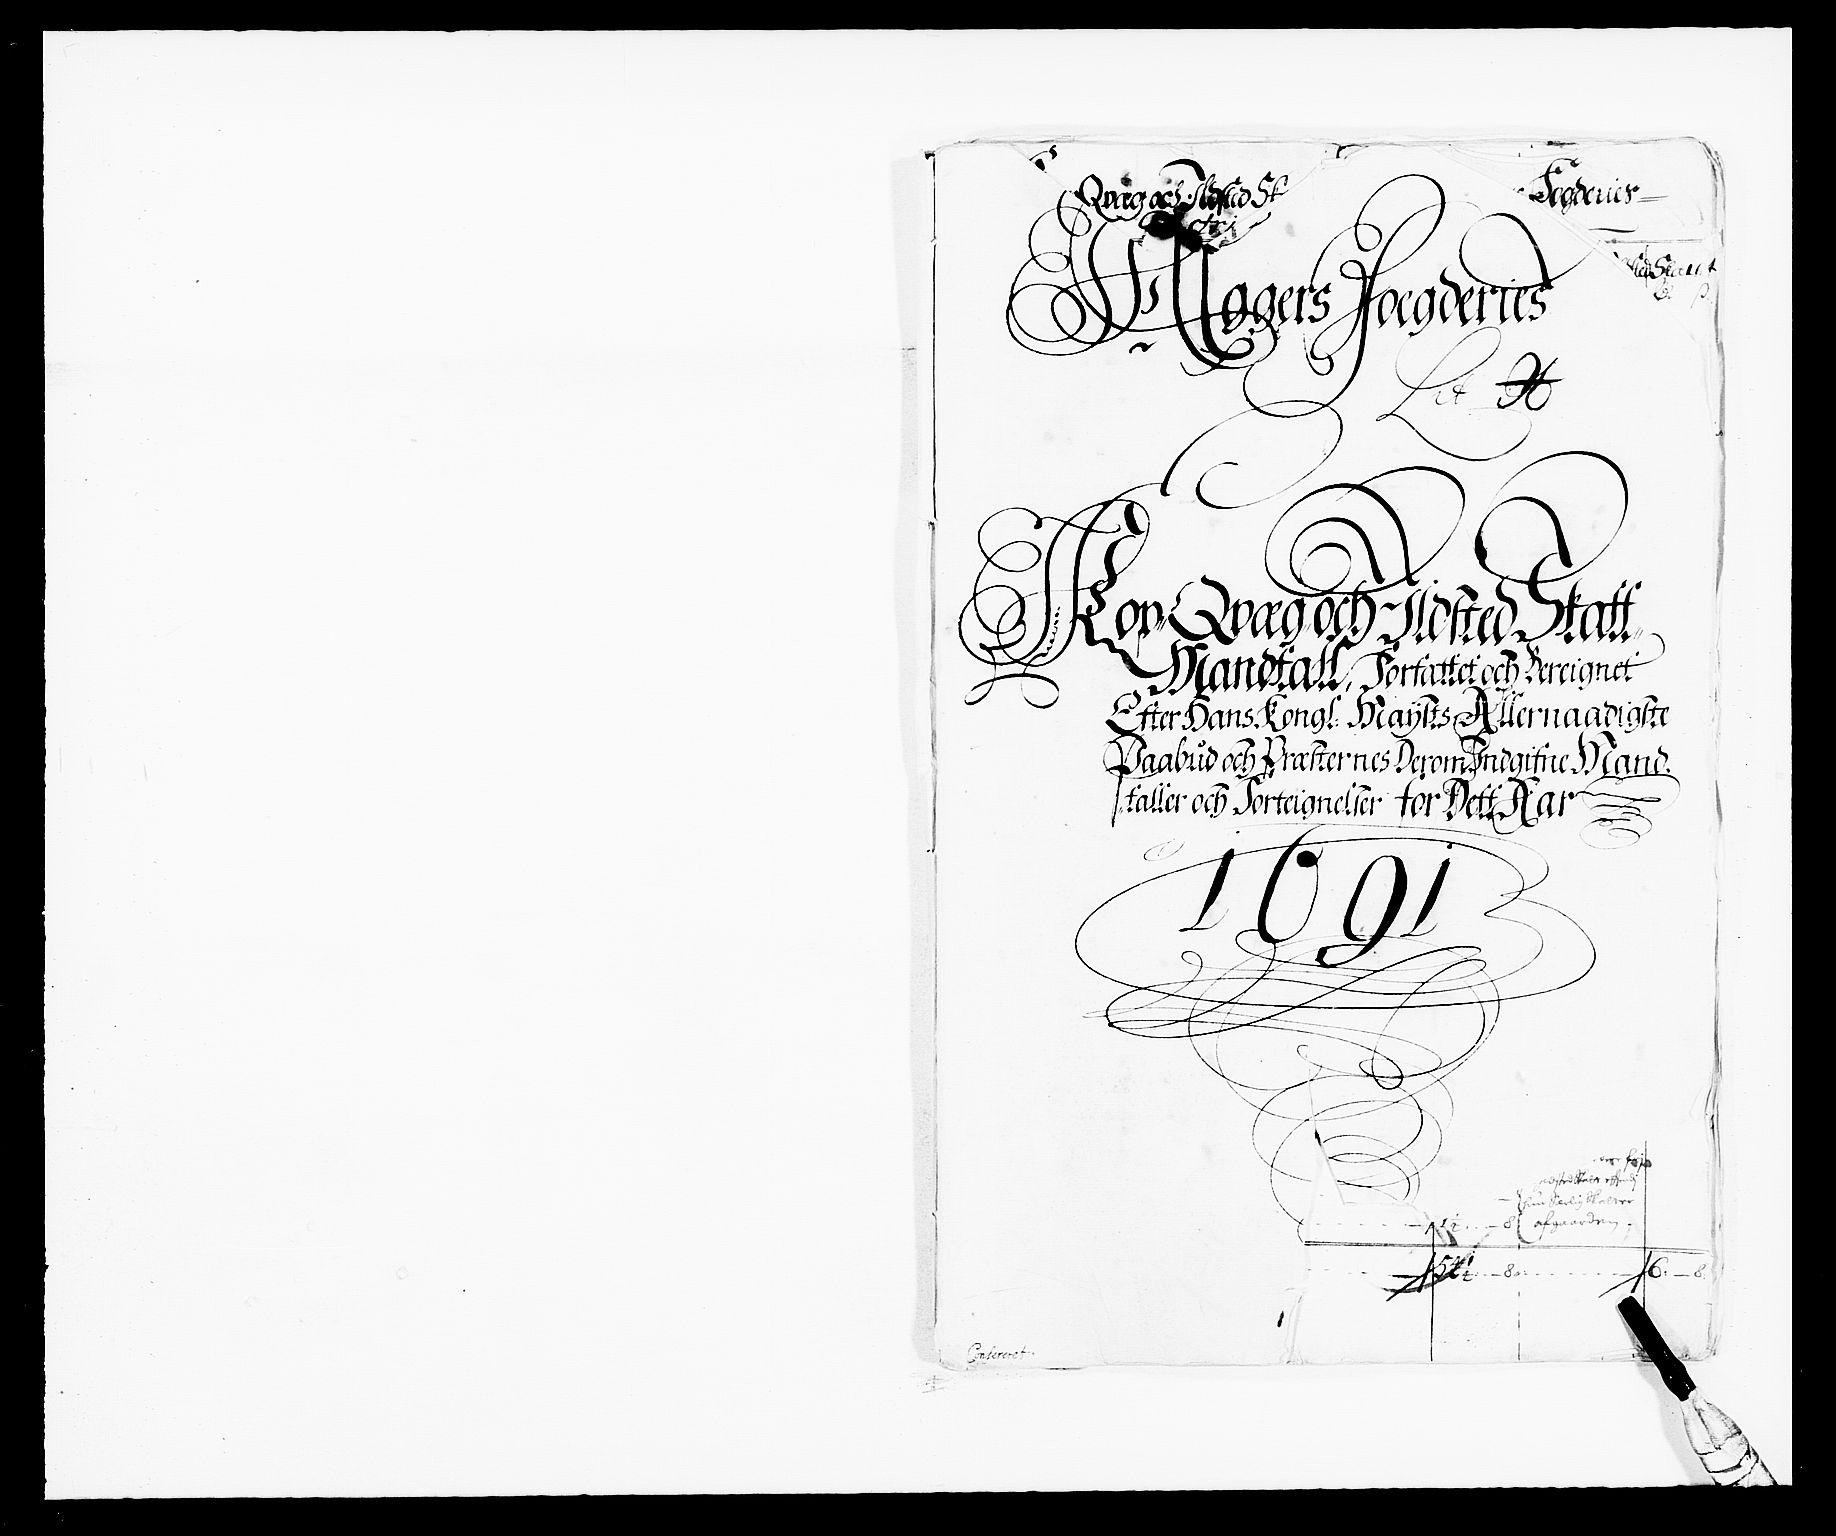 RA, Rentekammeret inntil 1814, Reviderte regnskaper, Fogderegnskap, R08/L0423: Fogderegnskap Aker, 1687-1689, s. 328